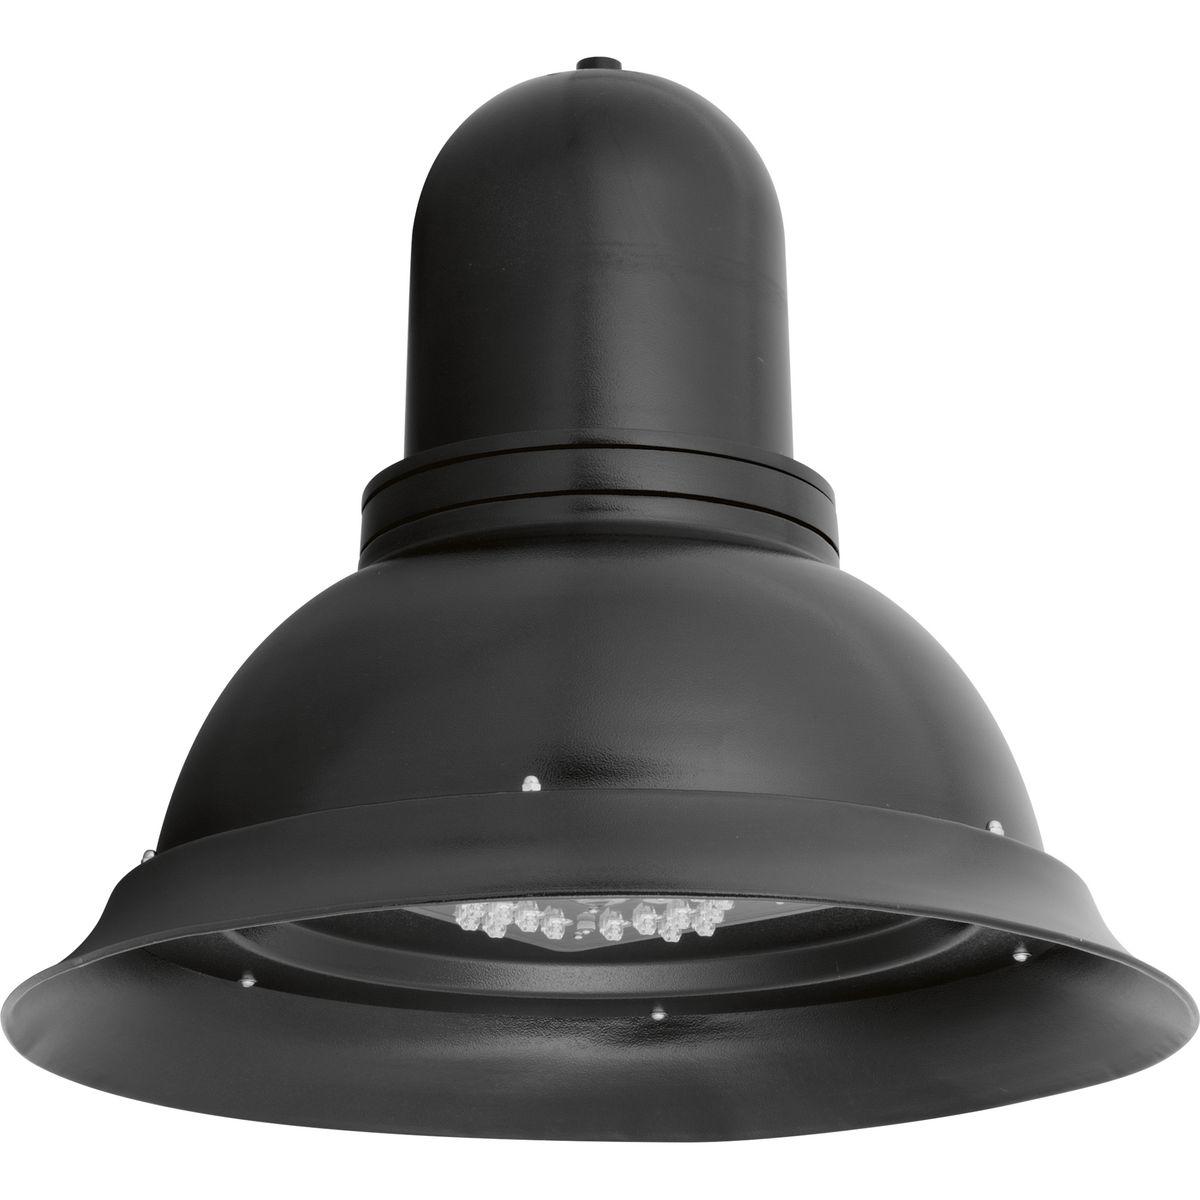 Led Designer Post Luminaire Pcad Progress Lighting